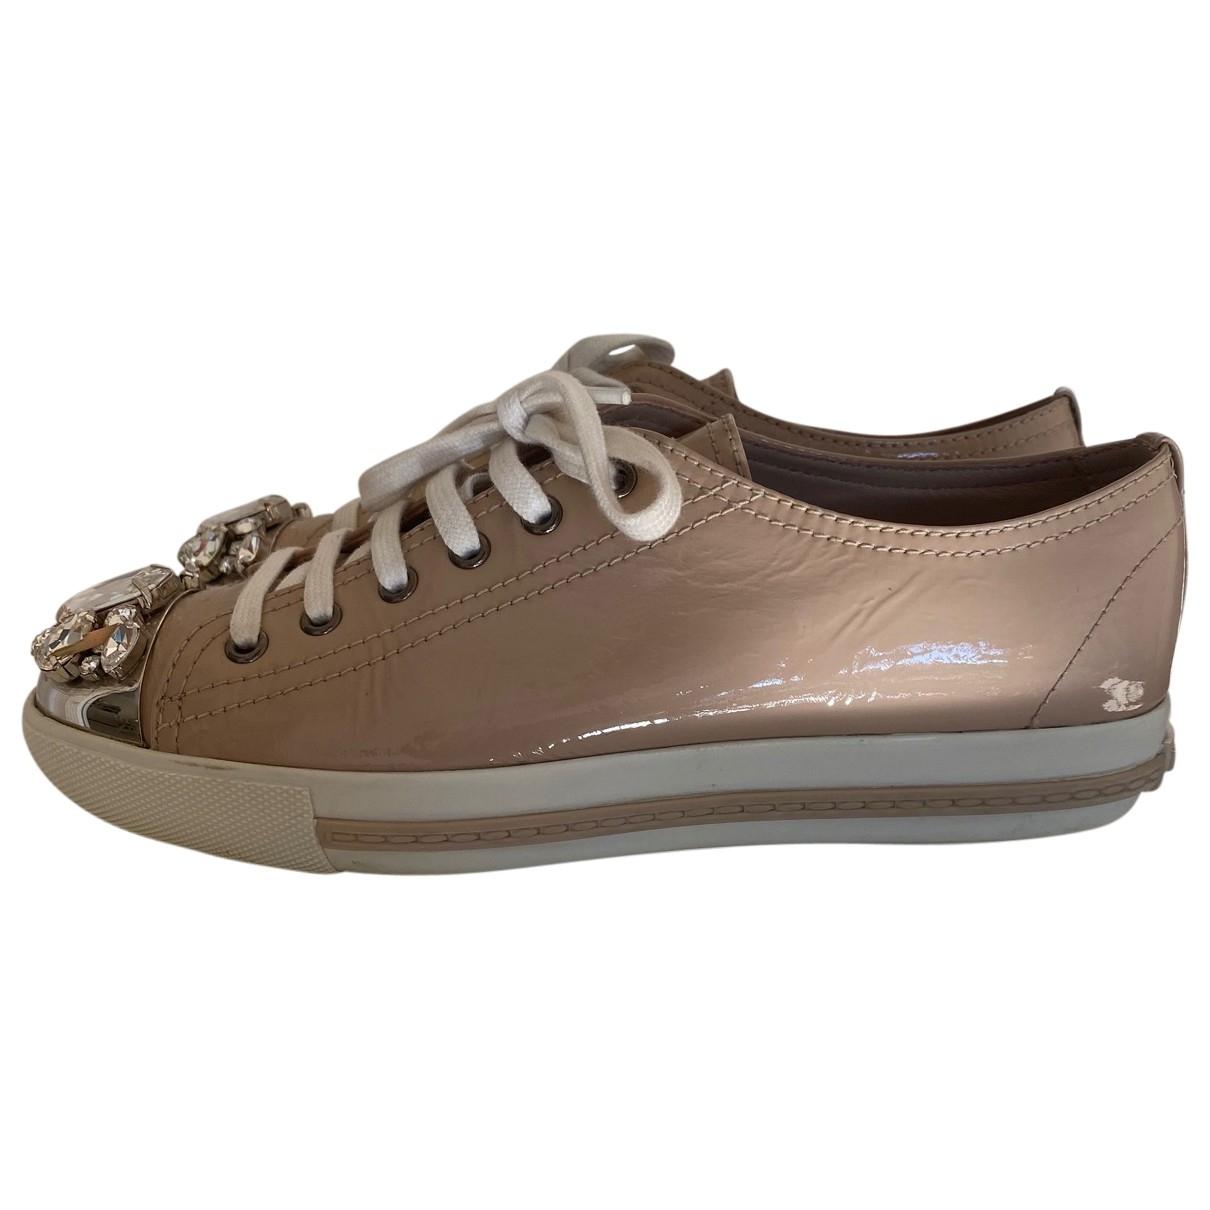 Miu Miu \N Sneakers in  Beige Lackleder